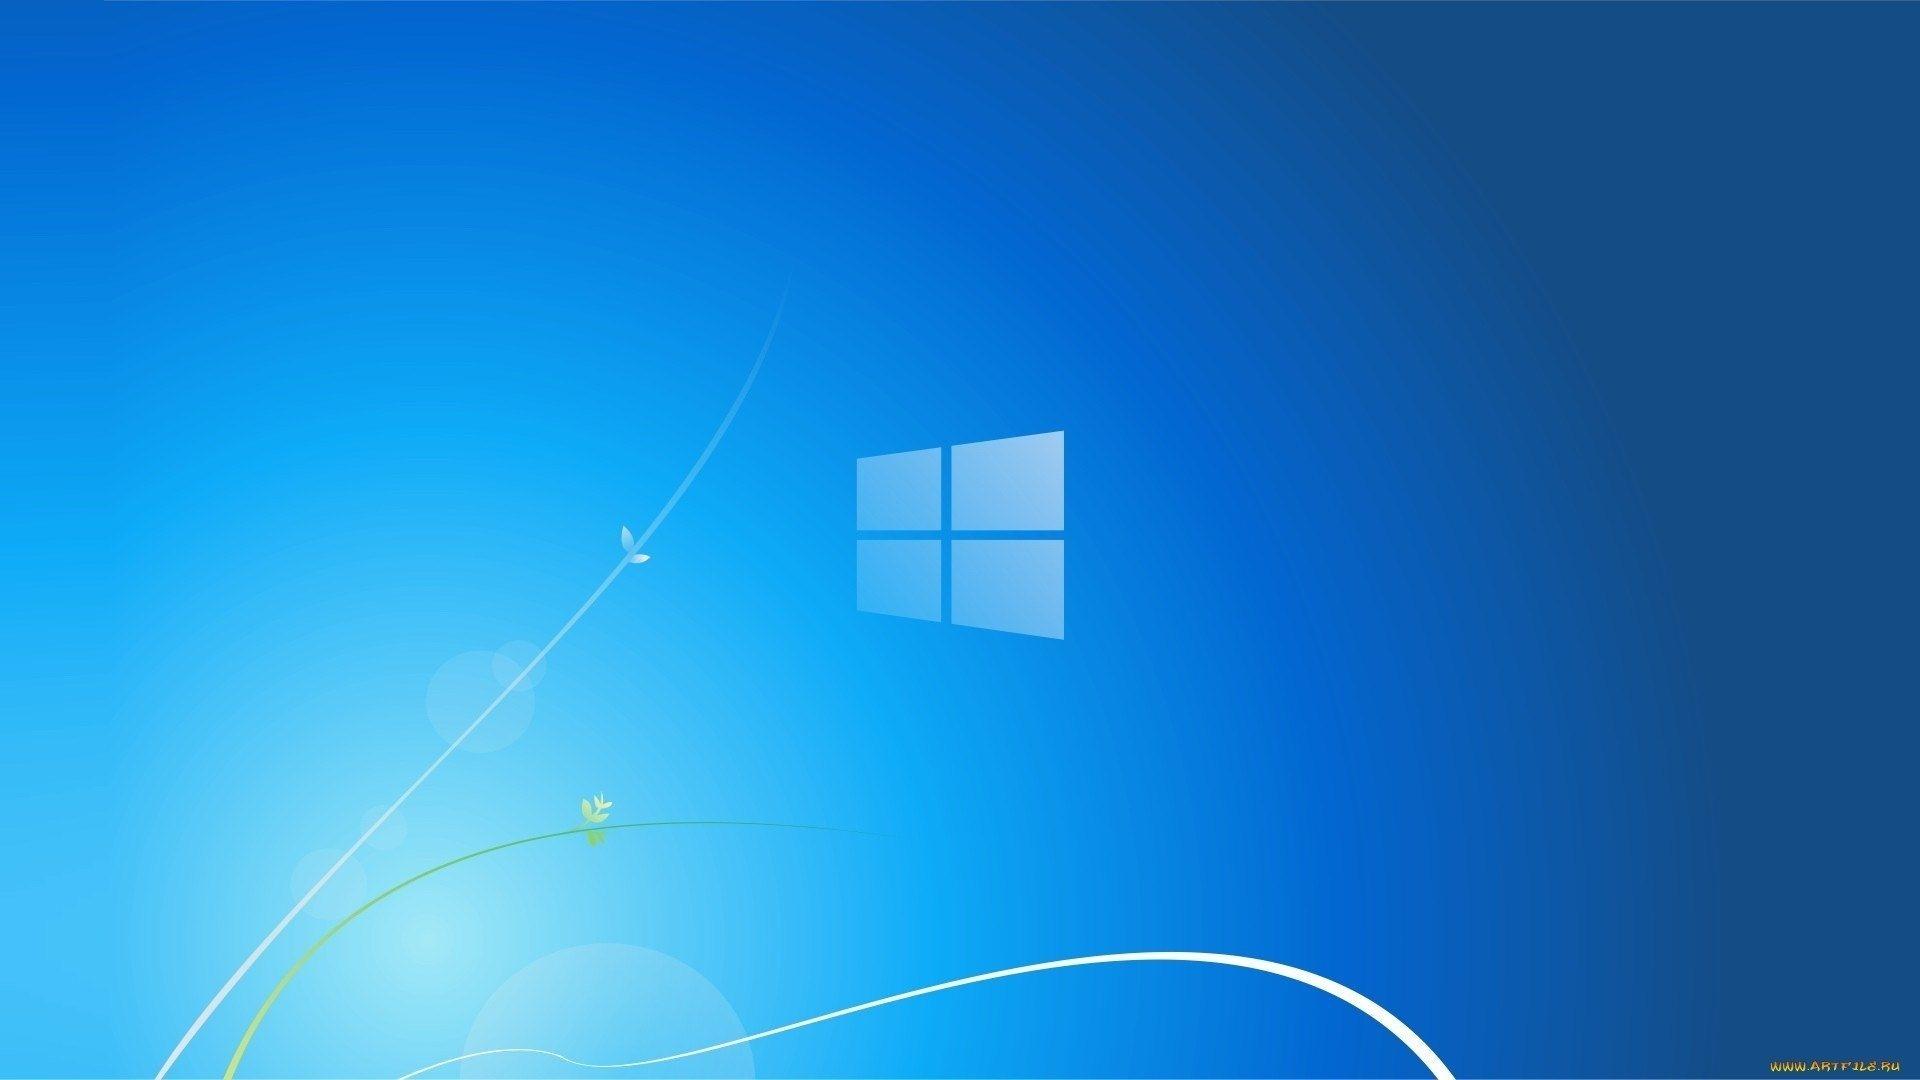 Windows 8 Wallpaper HD 1920x1080